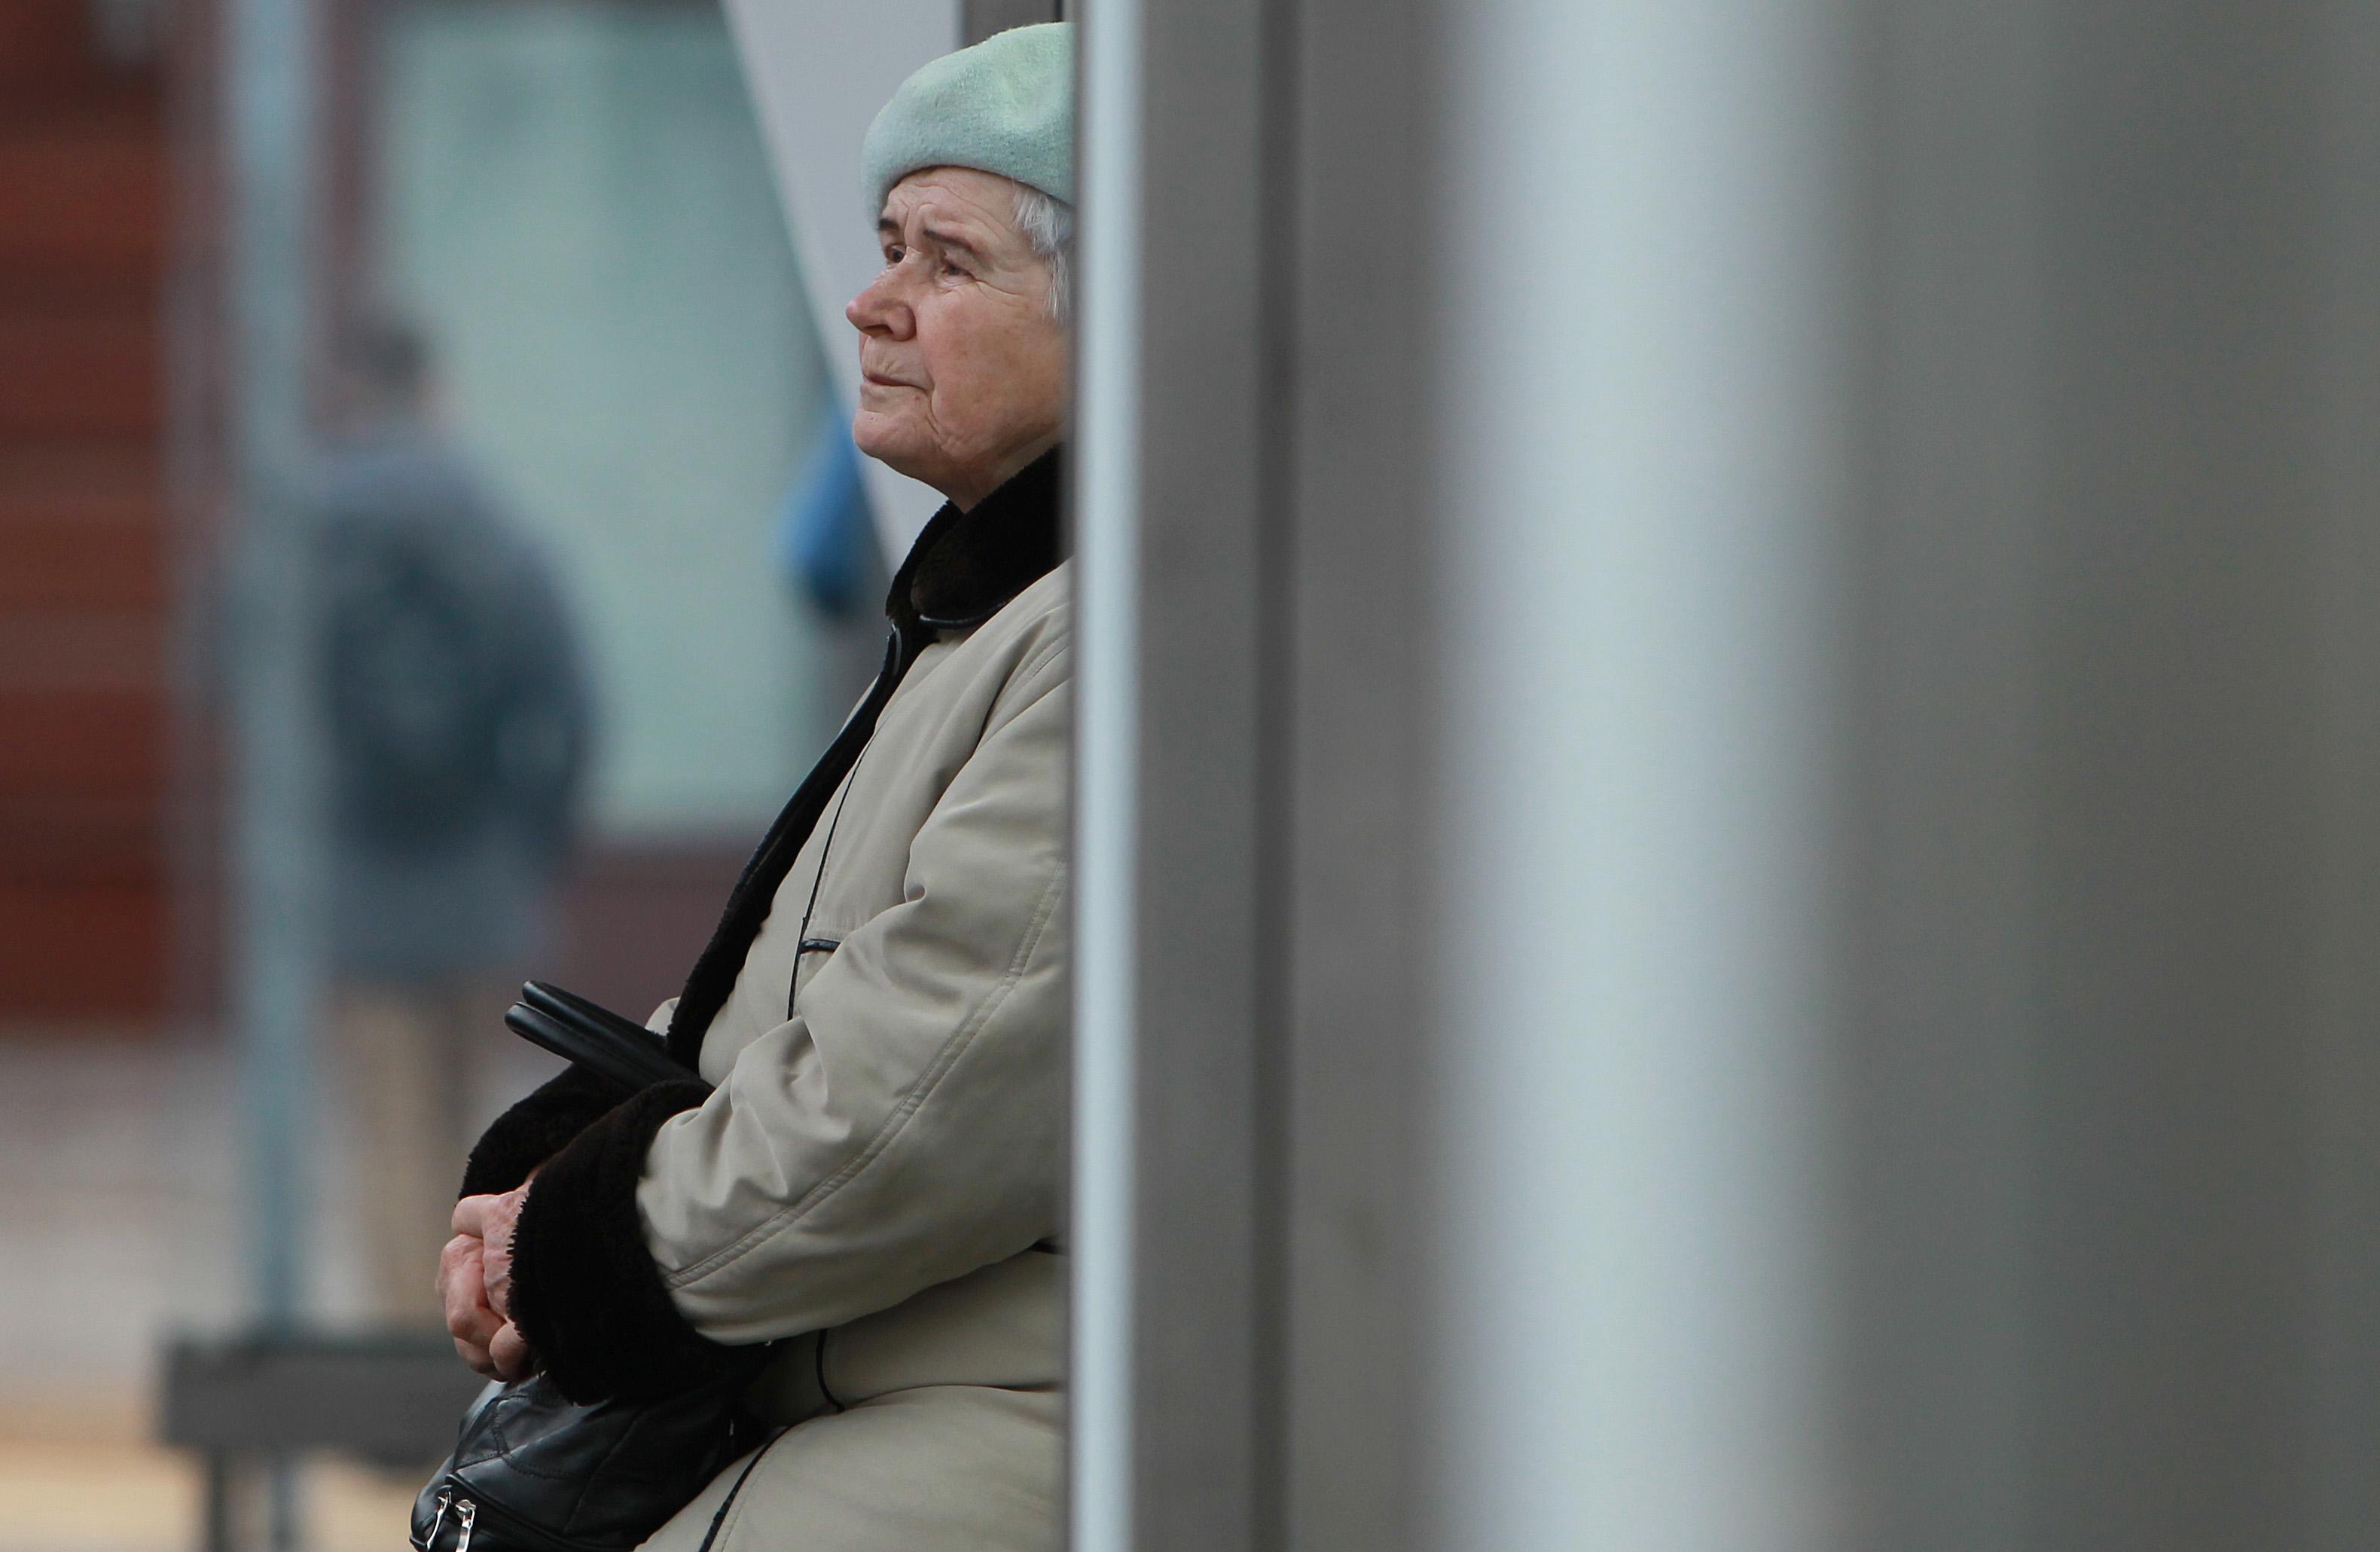 Врачи старше 65 лет смогут пользоваться льготными проездными в Москве